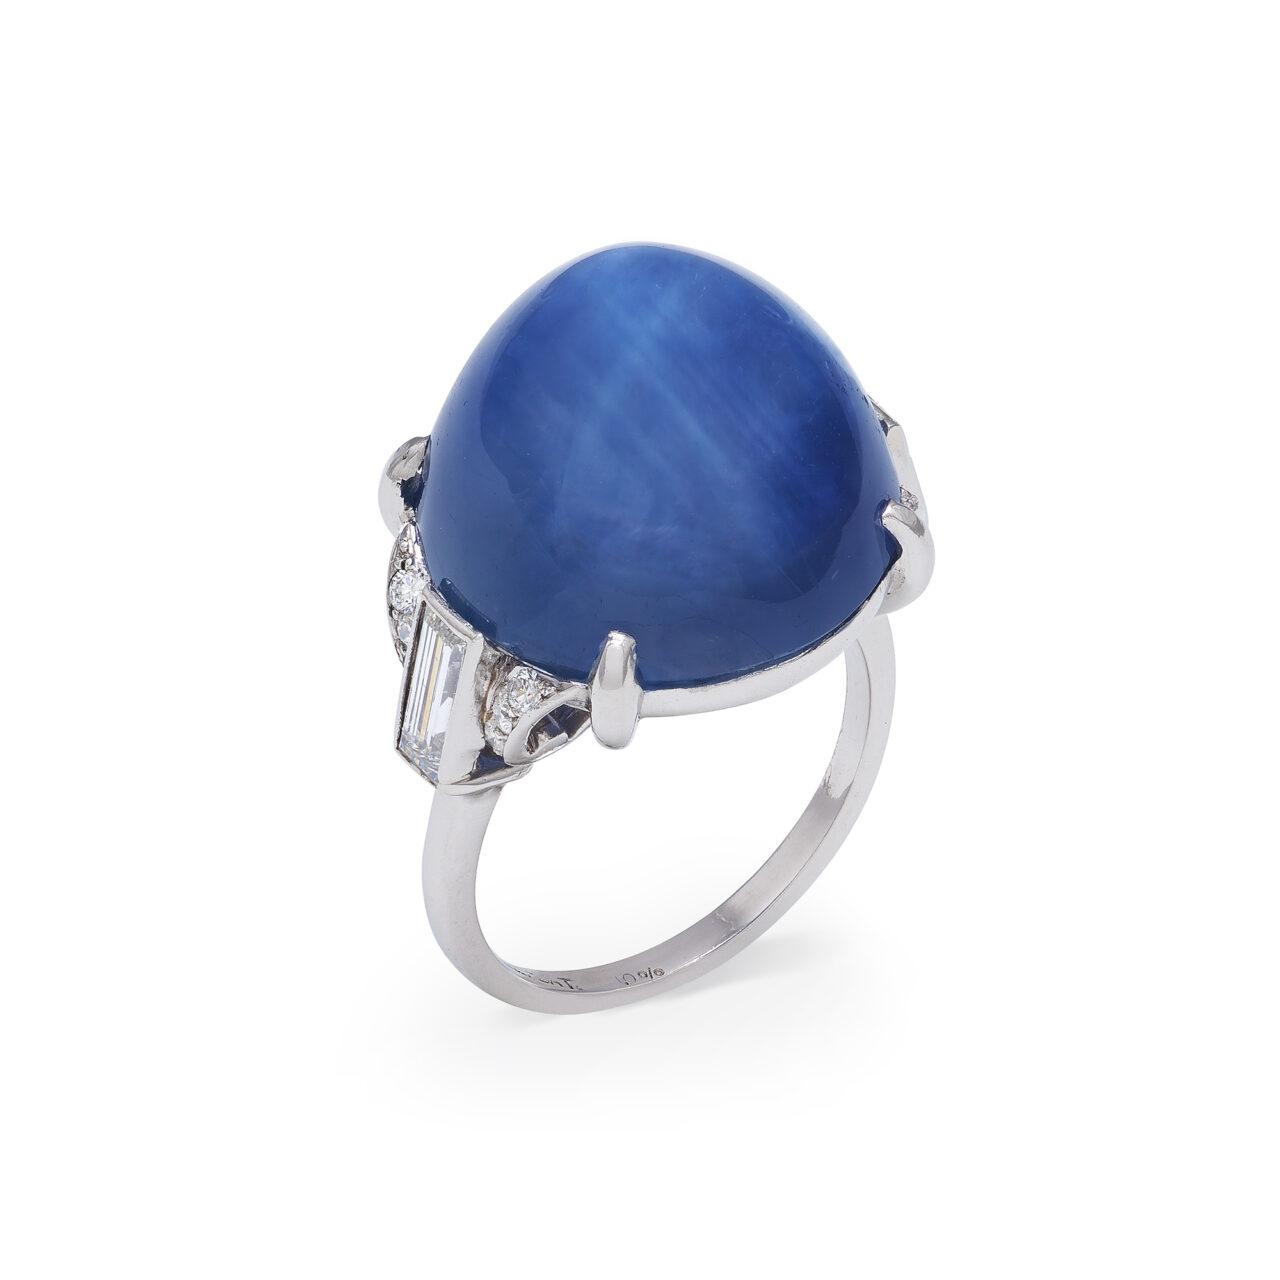 Anello d'epoca in platino con zaffiro stellato e diamanti